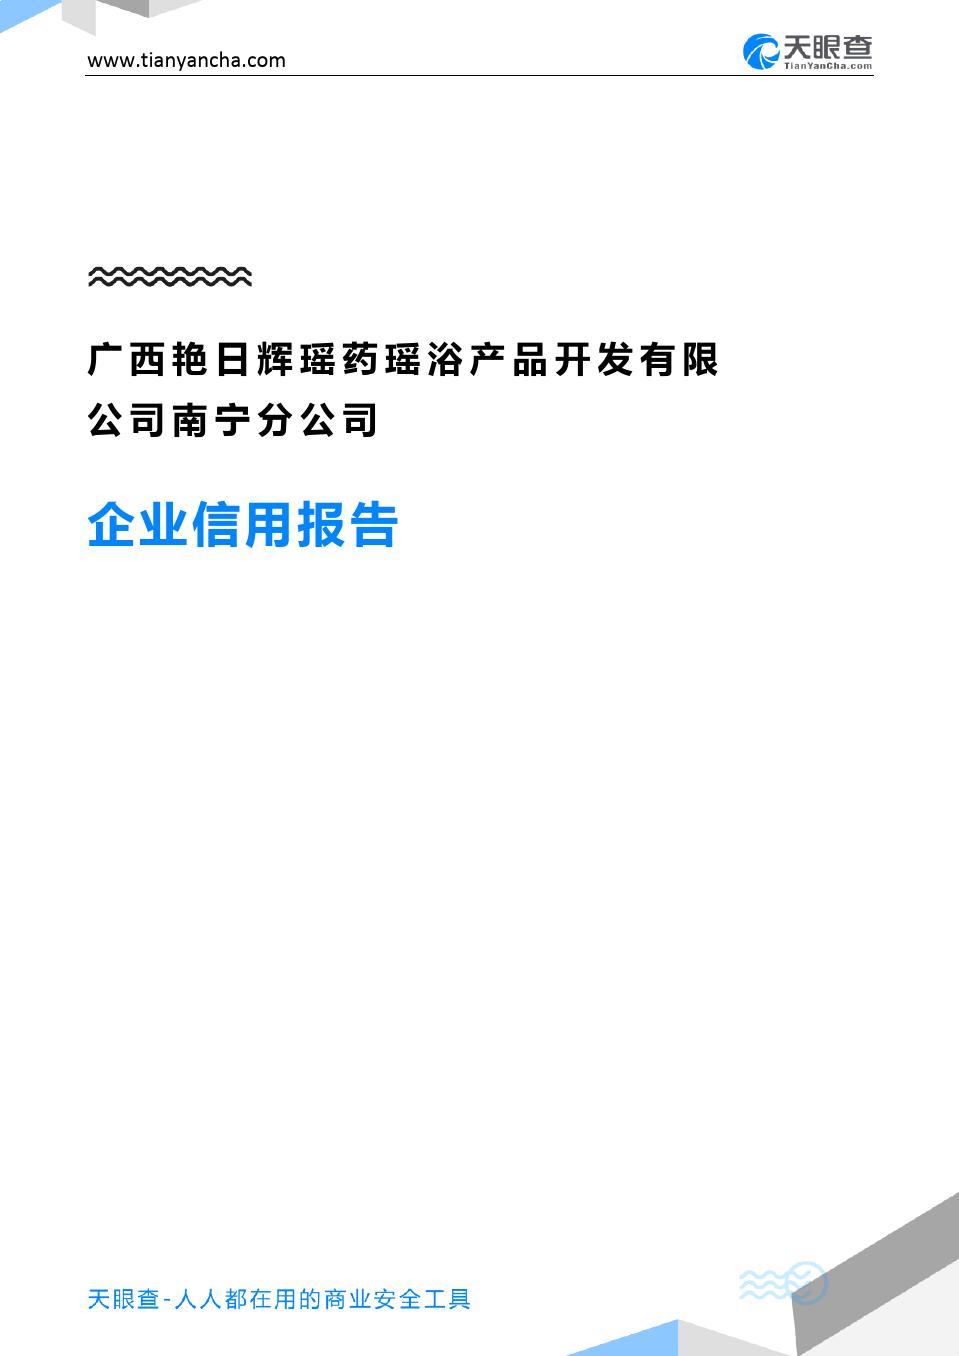 廣西艷日輝瑤藥瑤浴產品開發有限公司南寧分公司企業信用報告-天眼查